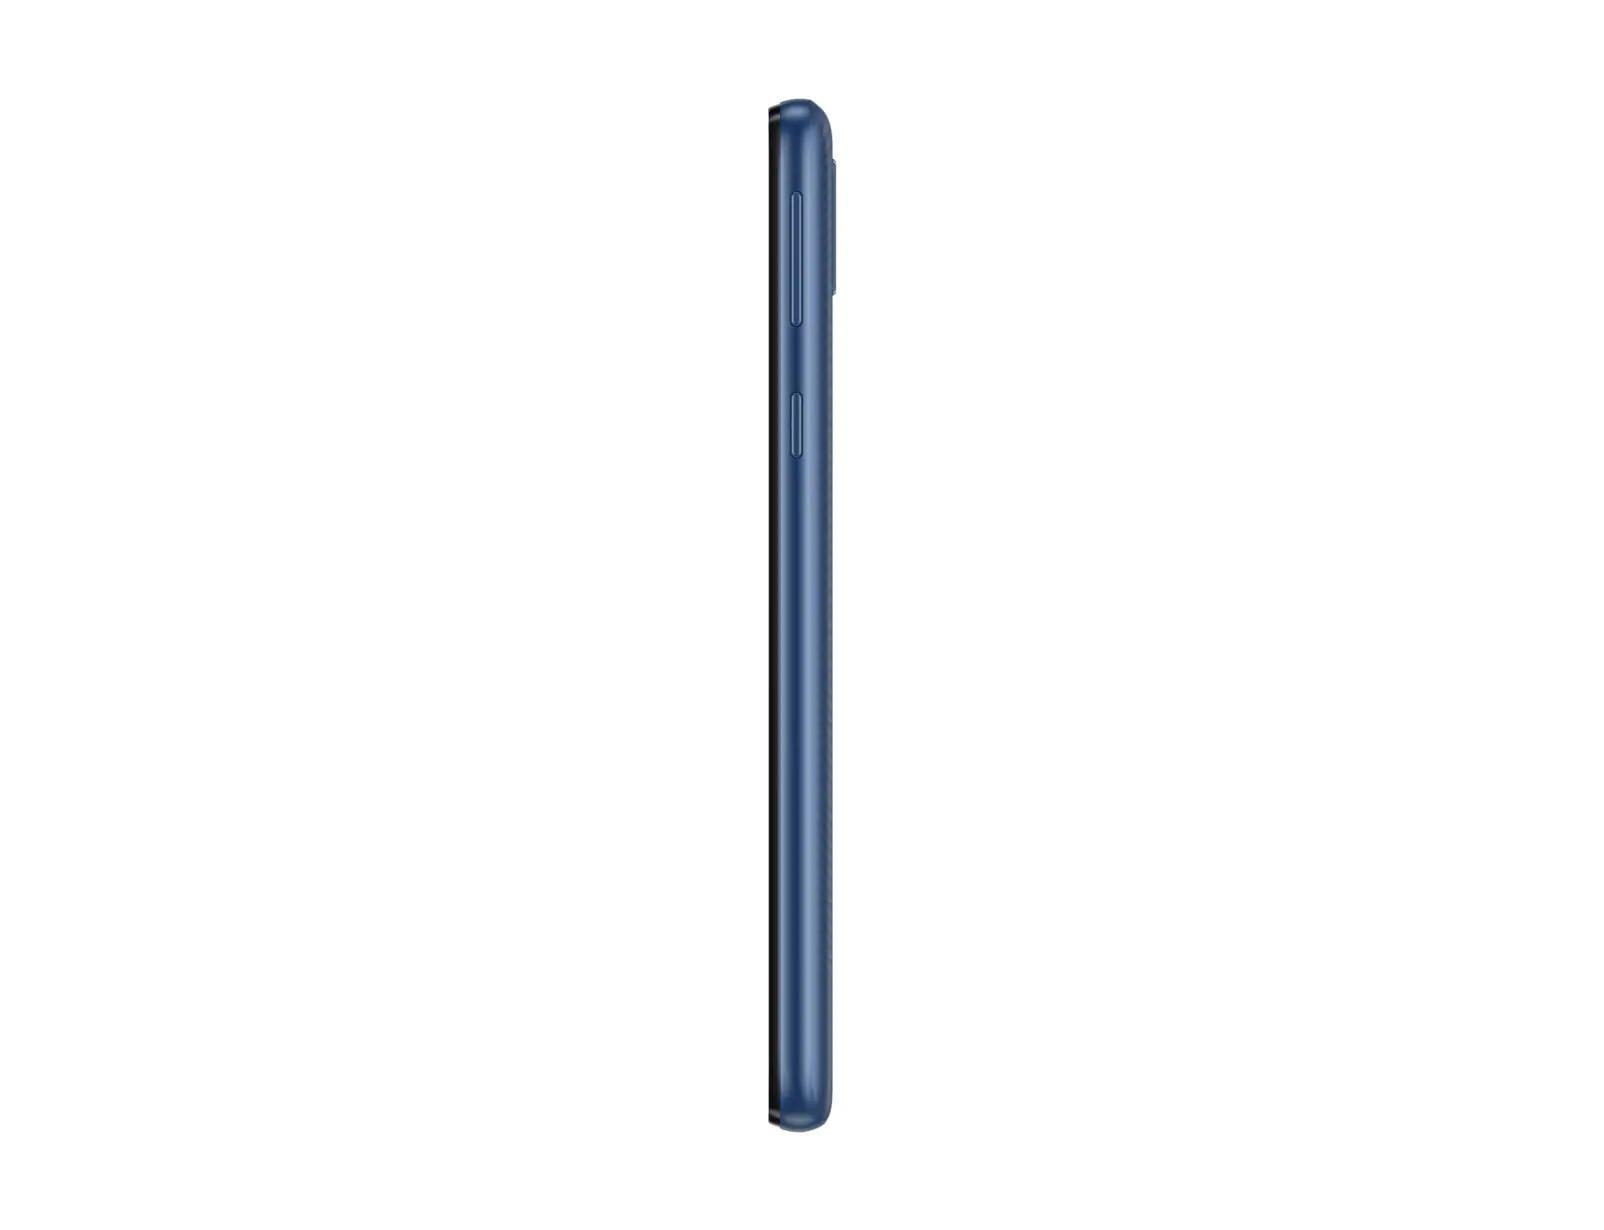 گوشی سامسونگ Galaxy A01 Core گنجایش 16GB آبی